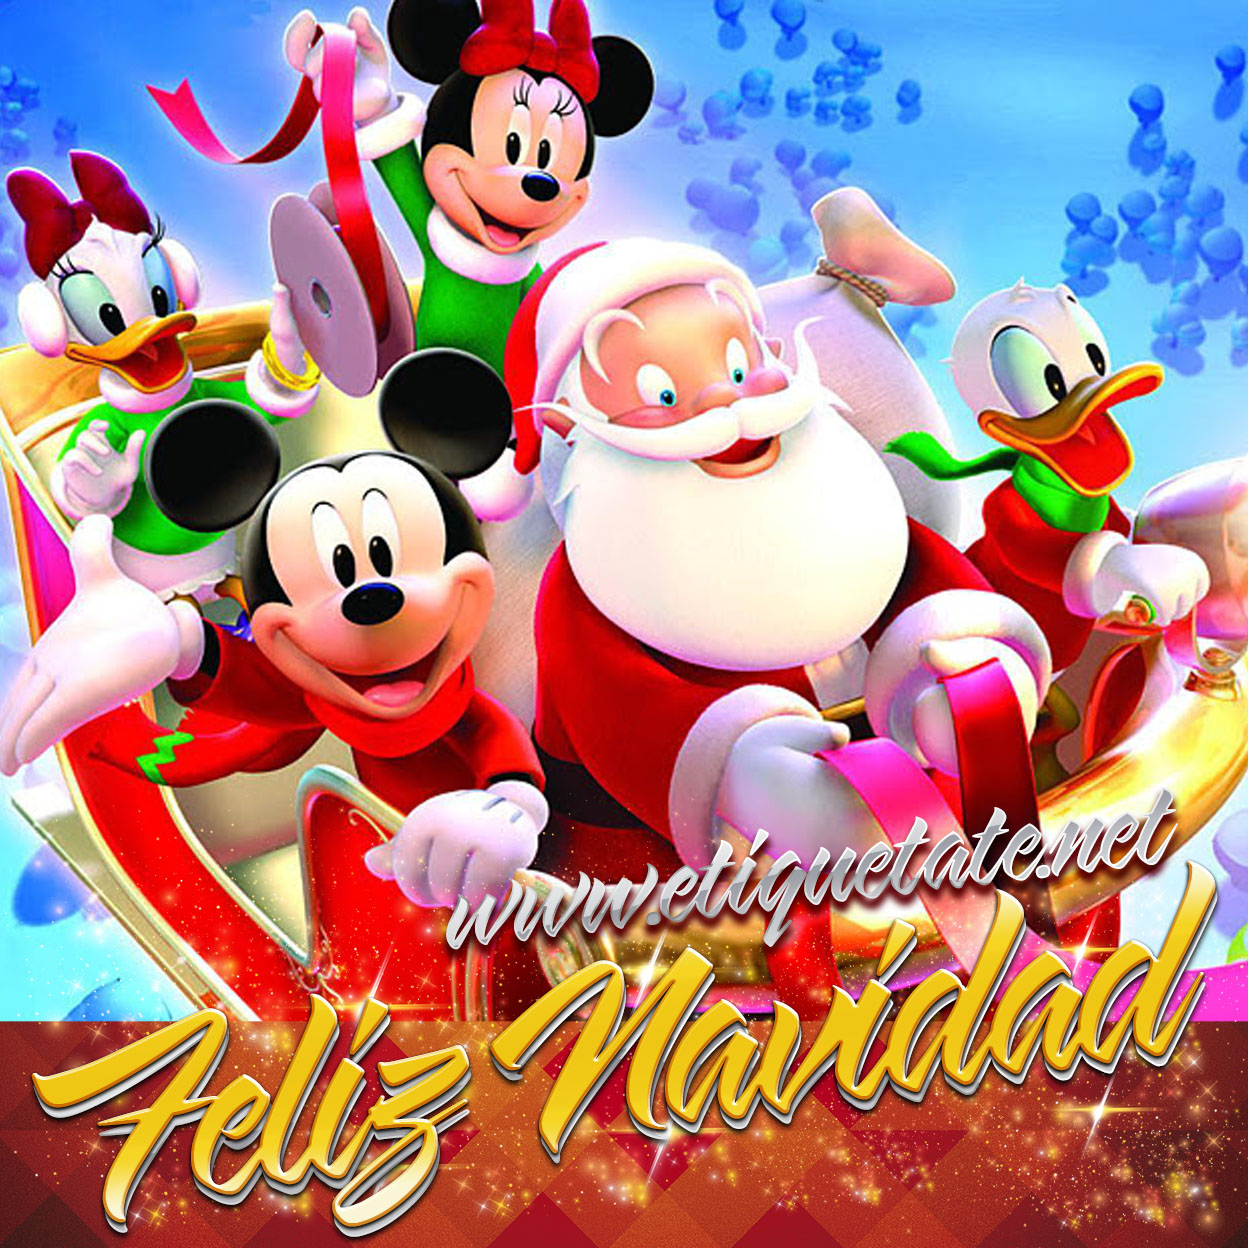 Imágenes Encantadoras de Mickey Mouse y Minnie para Navidad